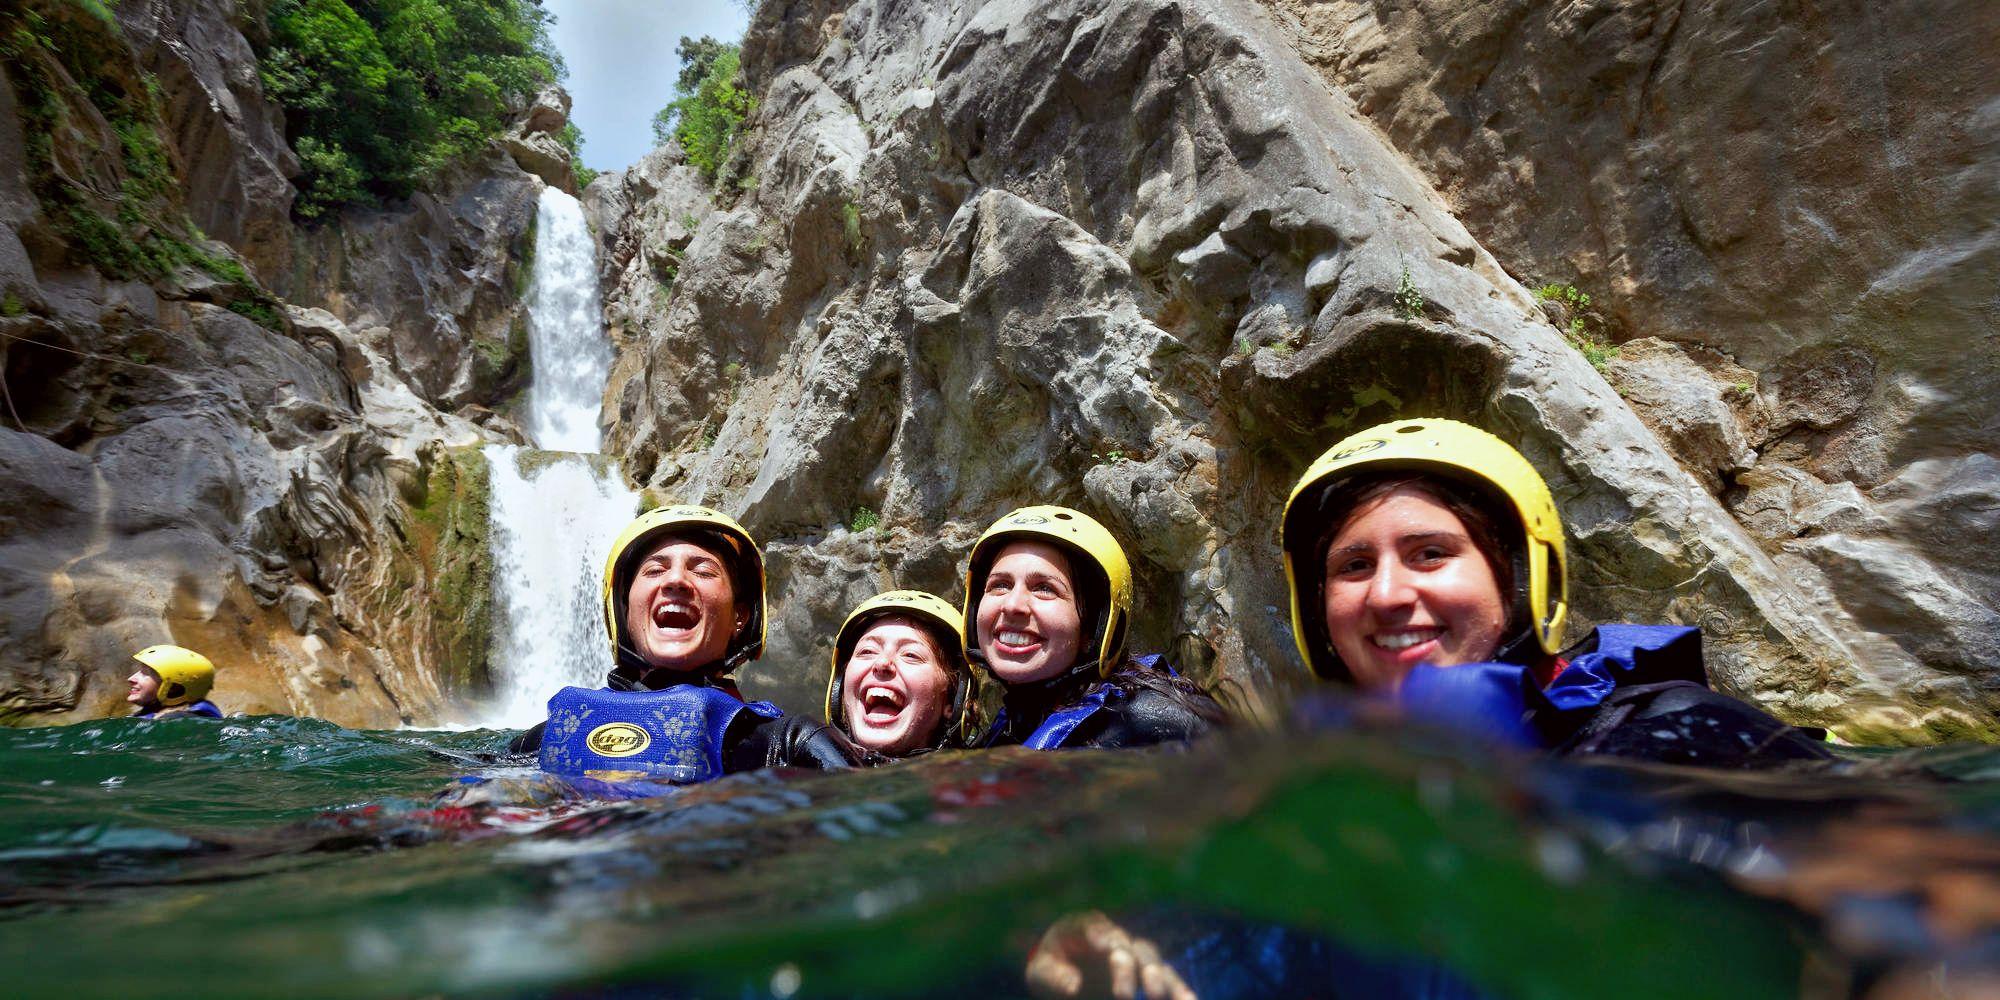 4 amis tout sourire dans l'eau au pied d'une cascade lors d'une activité de canyoning en Ardèche.